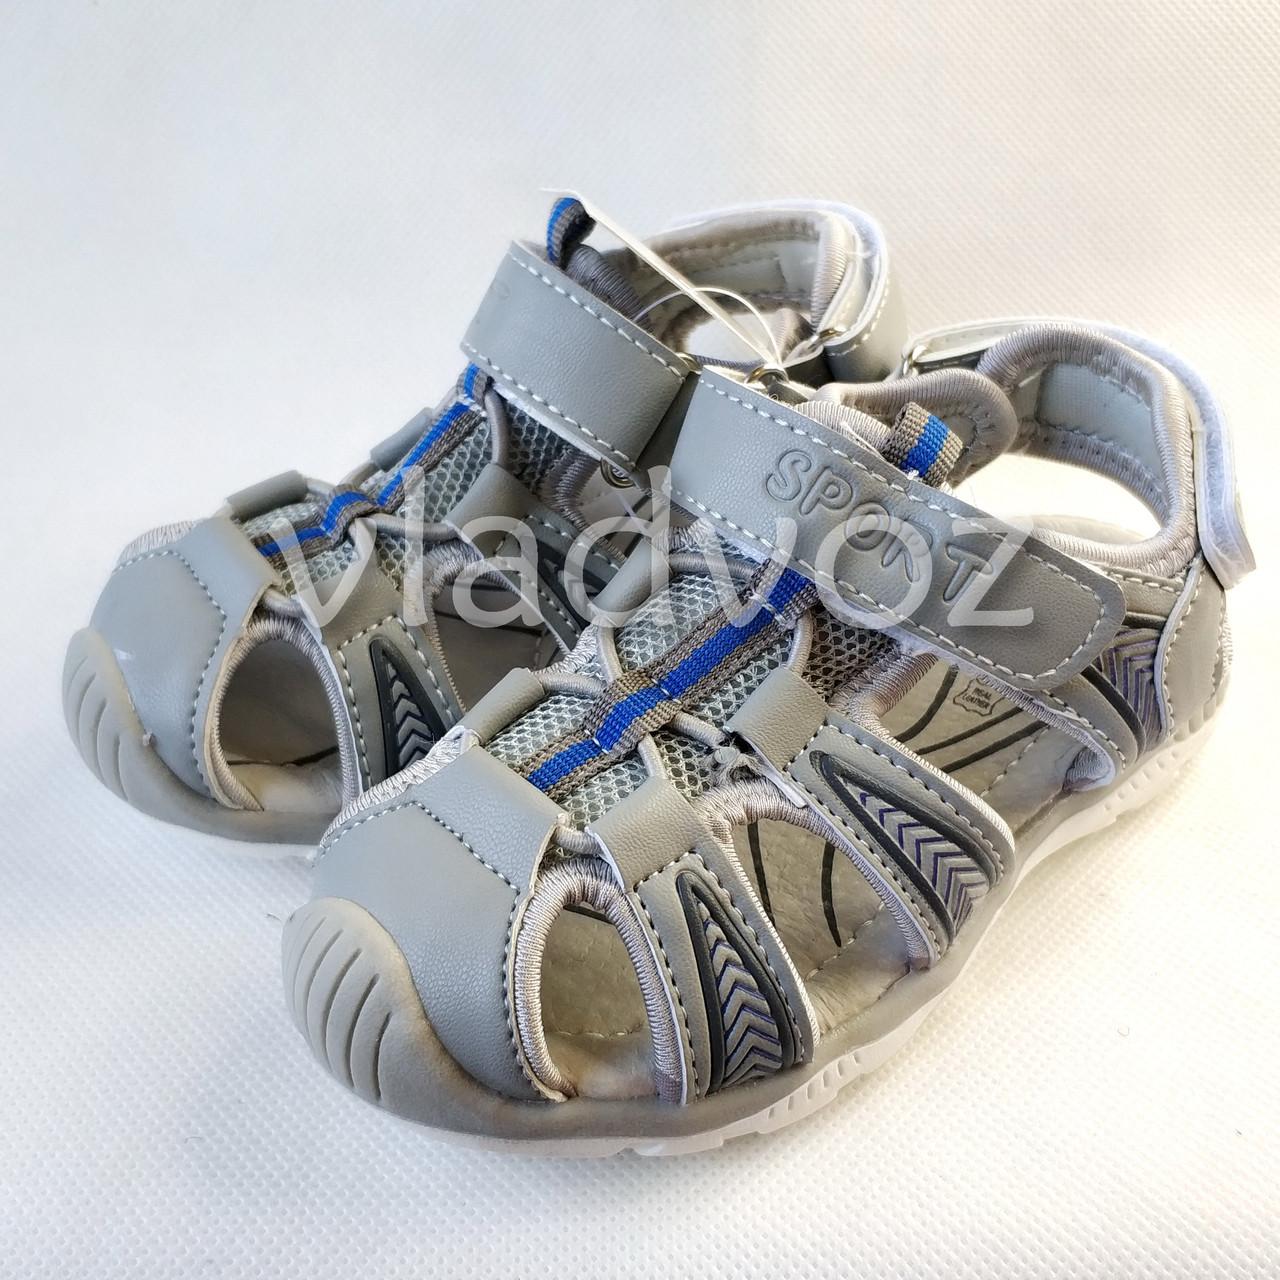 Детские босоножки сандалии для мальчика на мальчиков мальчику Tom.M серые Спорт 29р.